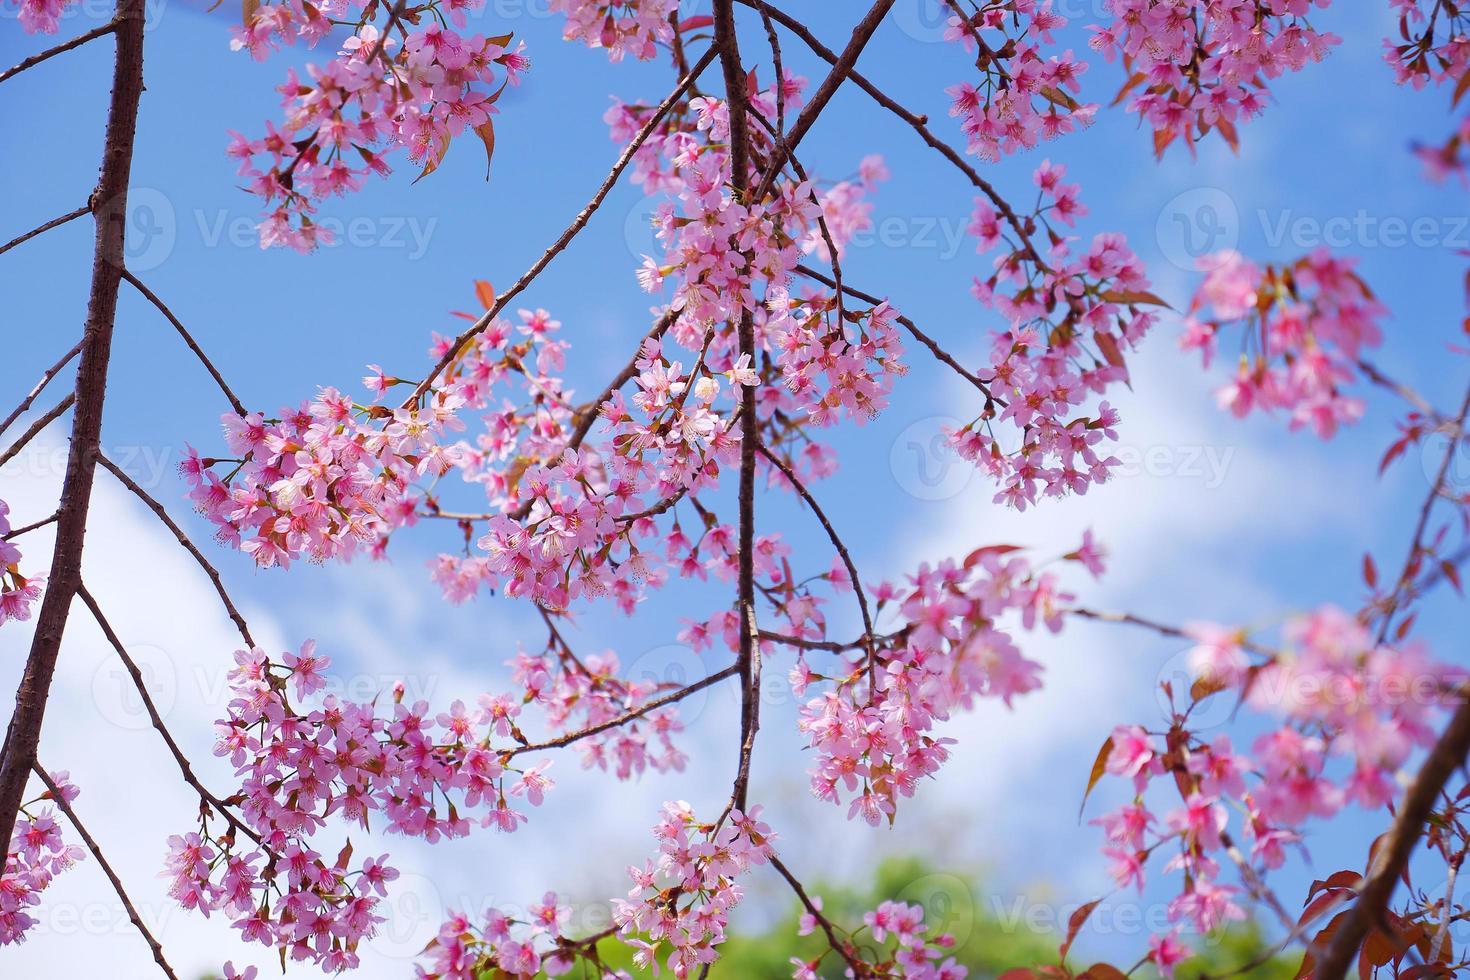 fleurs de cerisier rose de printemps avec fond de ciel bleu photo